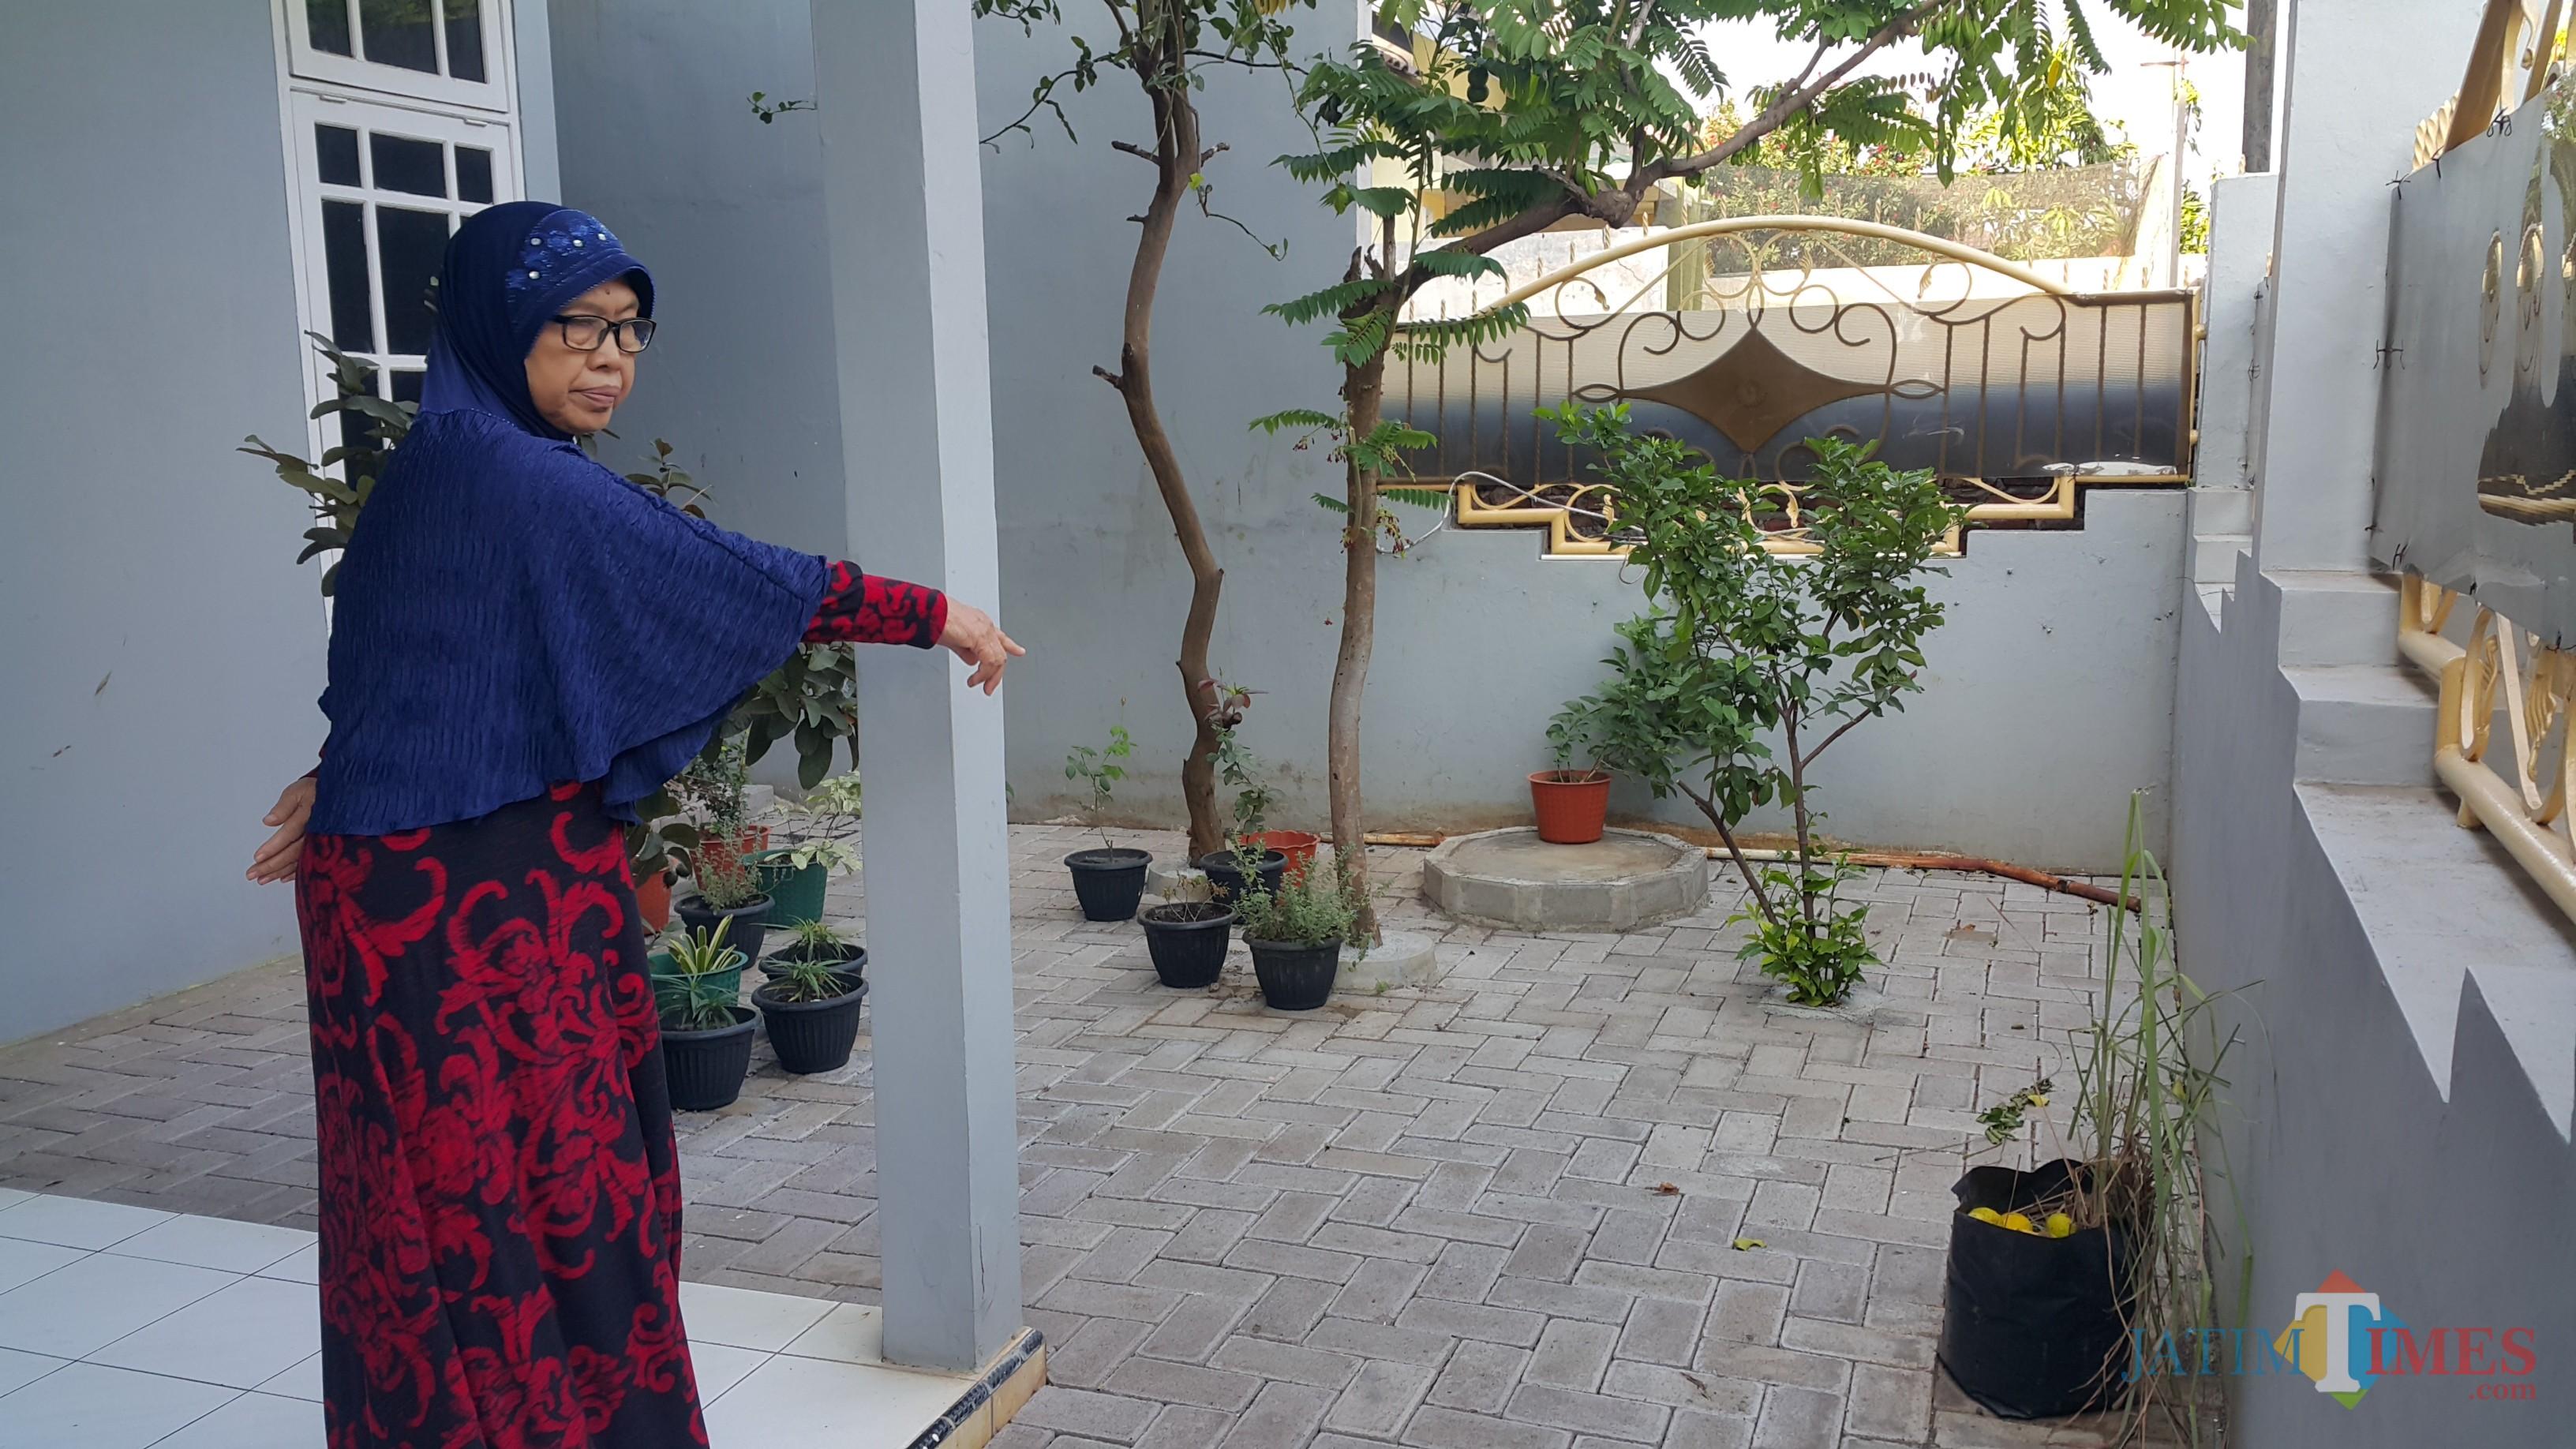 Erli menunjuk tempat kendaraannya yang hilang diparkir di depan rumahnya i(Agus Salam/Jatim TIMES)